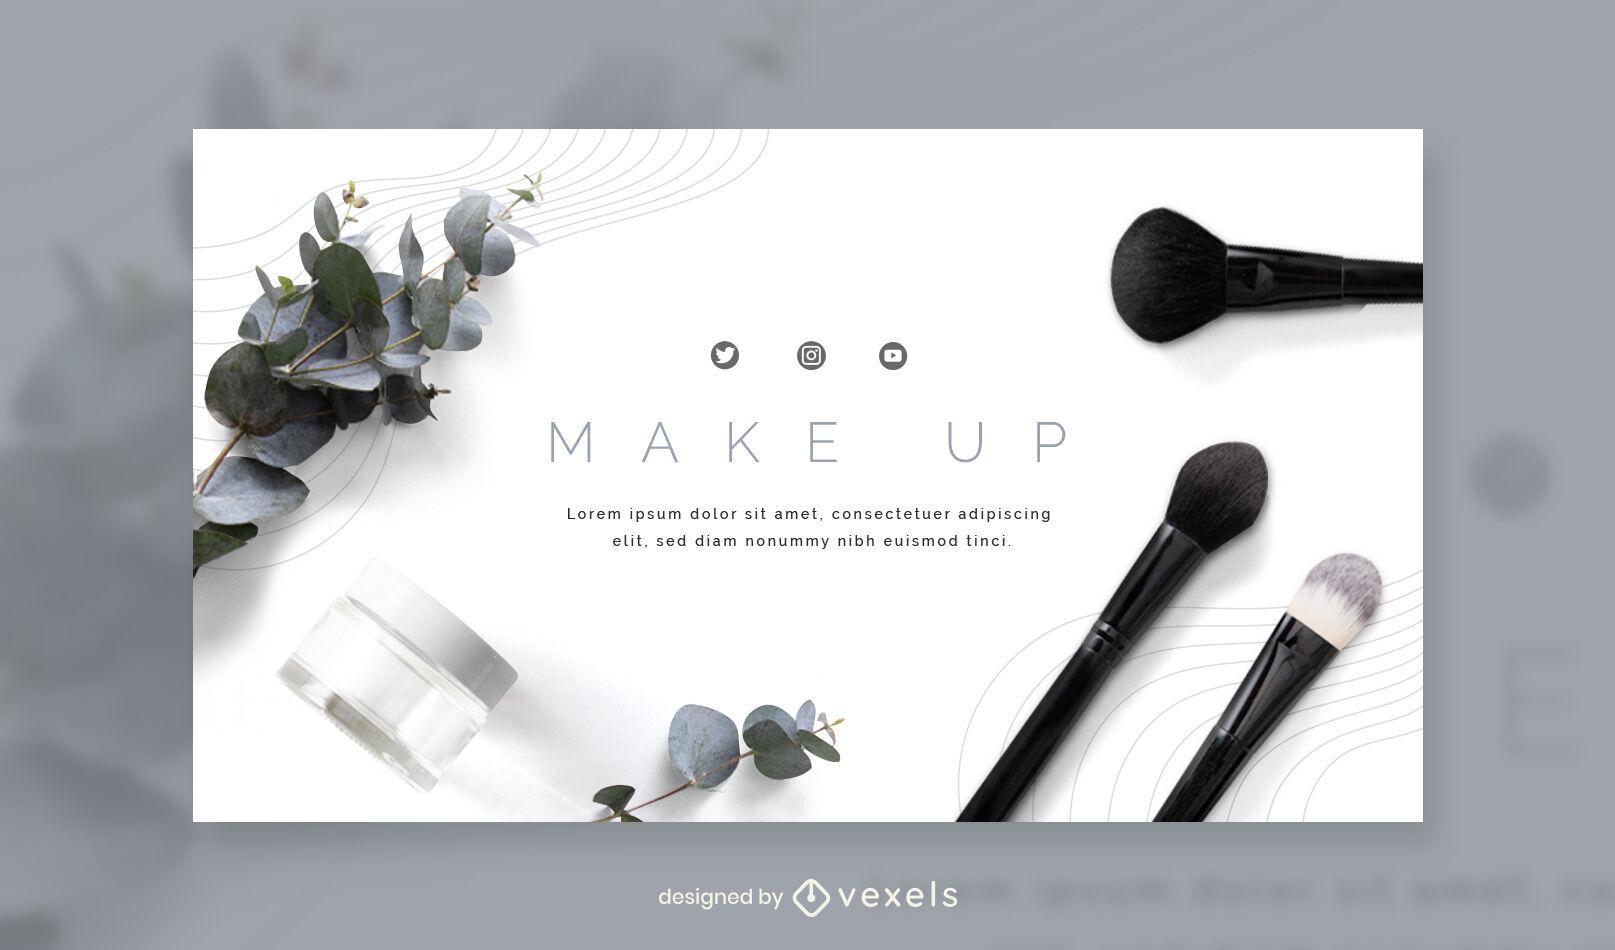 Plantilla de portada de facebook fotográfica de elementos de maquillaje